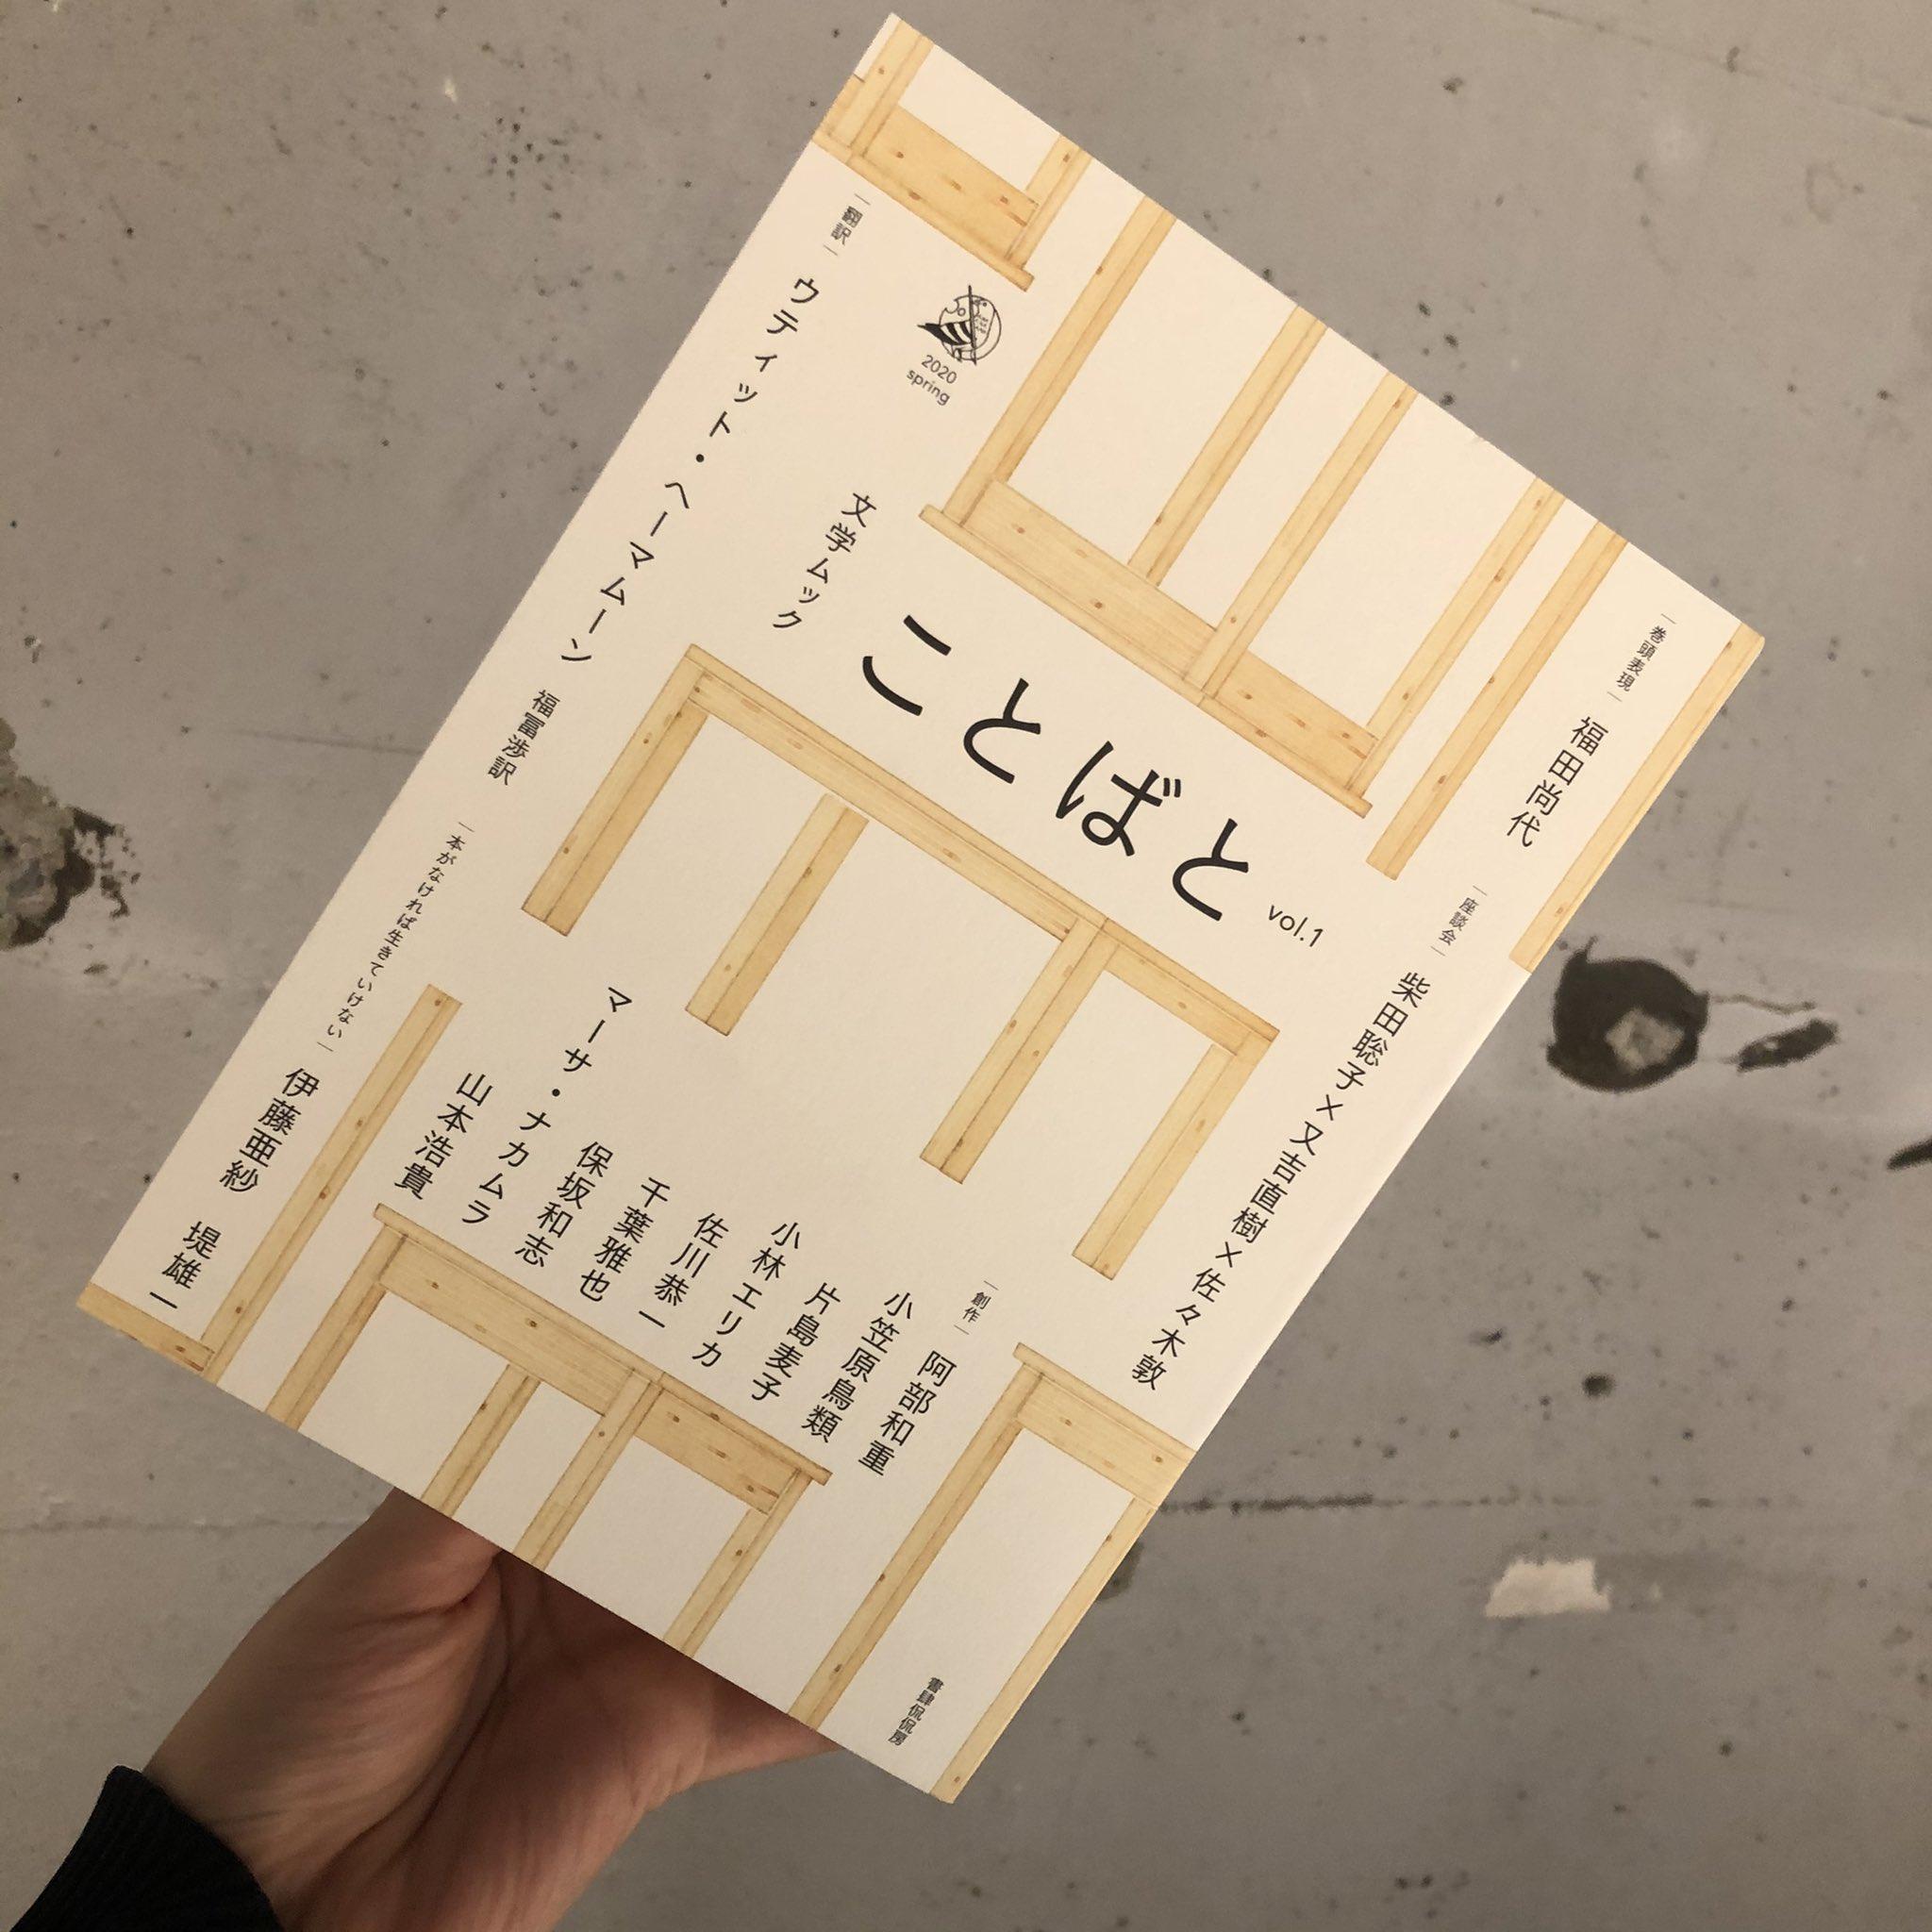 『ことばと』(書肆侃侃房)